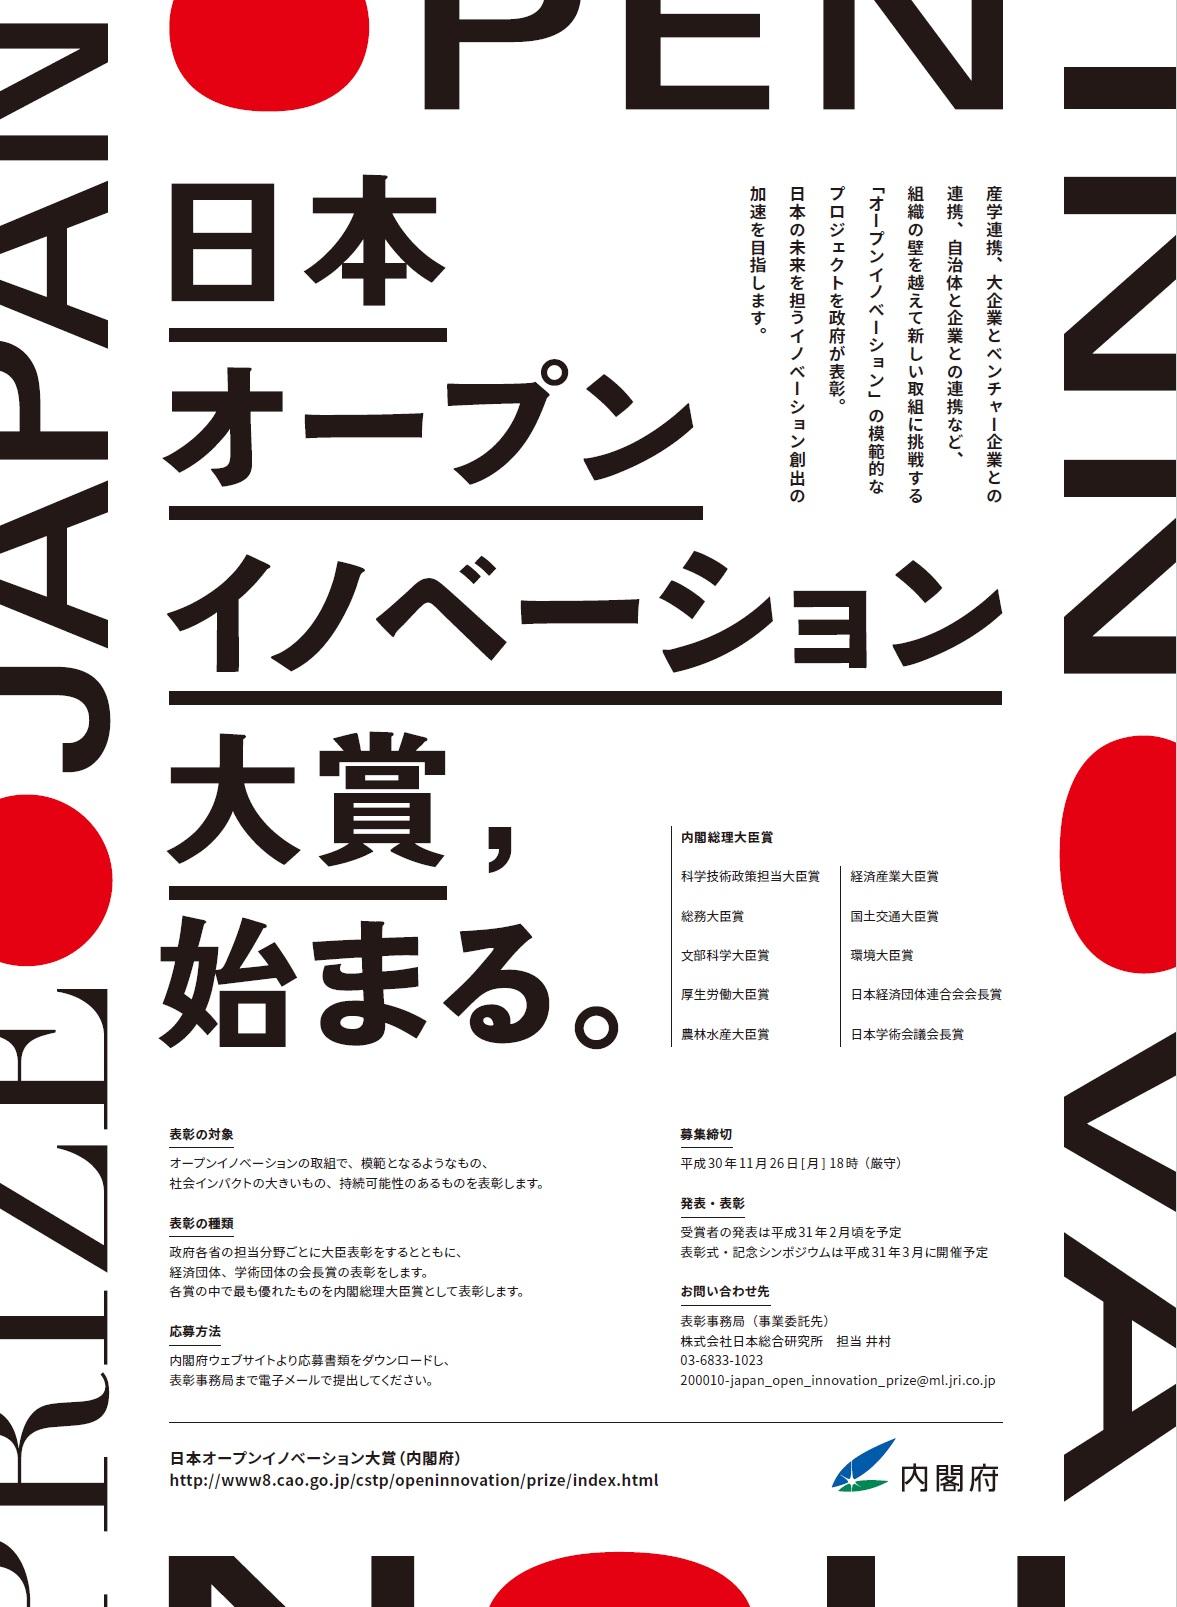 第1回日本オープンイノベーション大賞 経済産業大臣賞受賞!